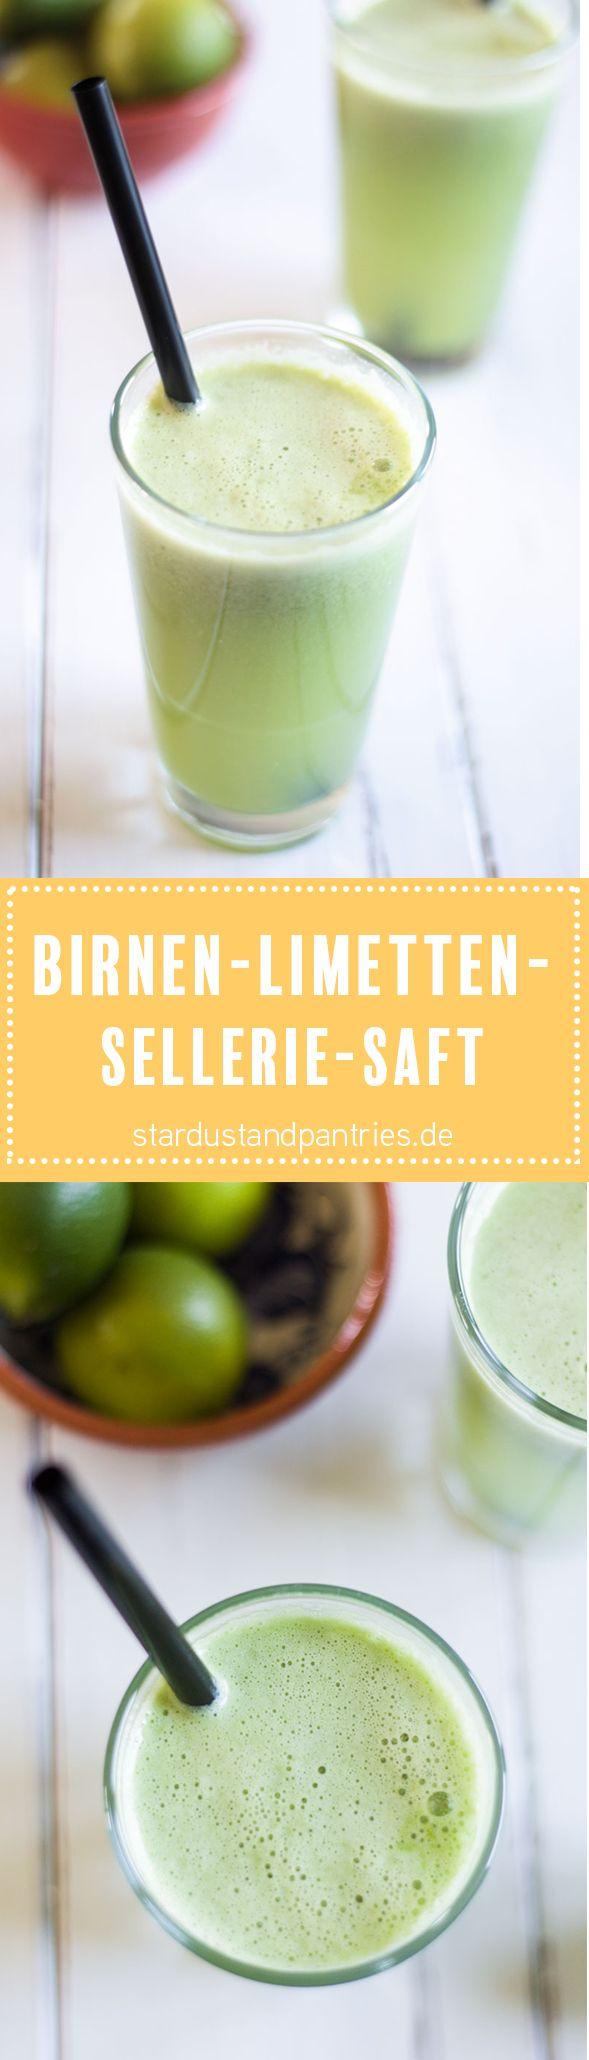 Birnen-Limetten-Saft mit Sellerie gegen Asthmabeschwerden und Allergien! Eine Rezeptkarte gibt es auf dem Blog zum download!